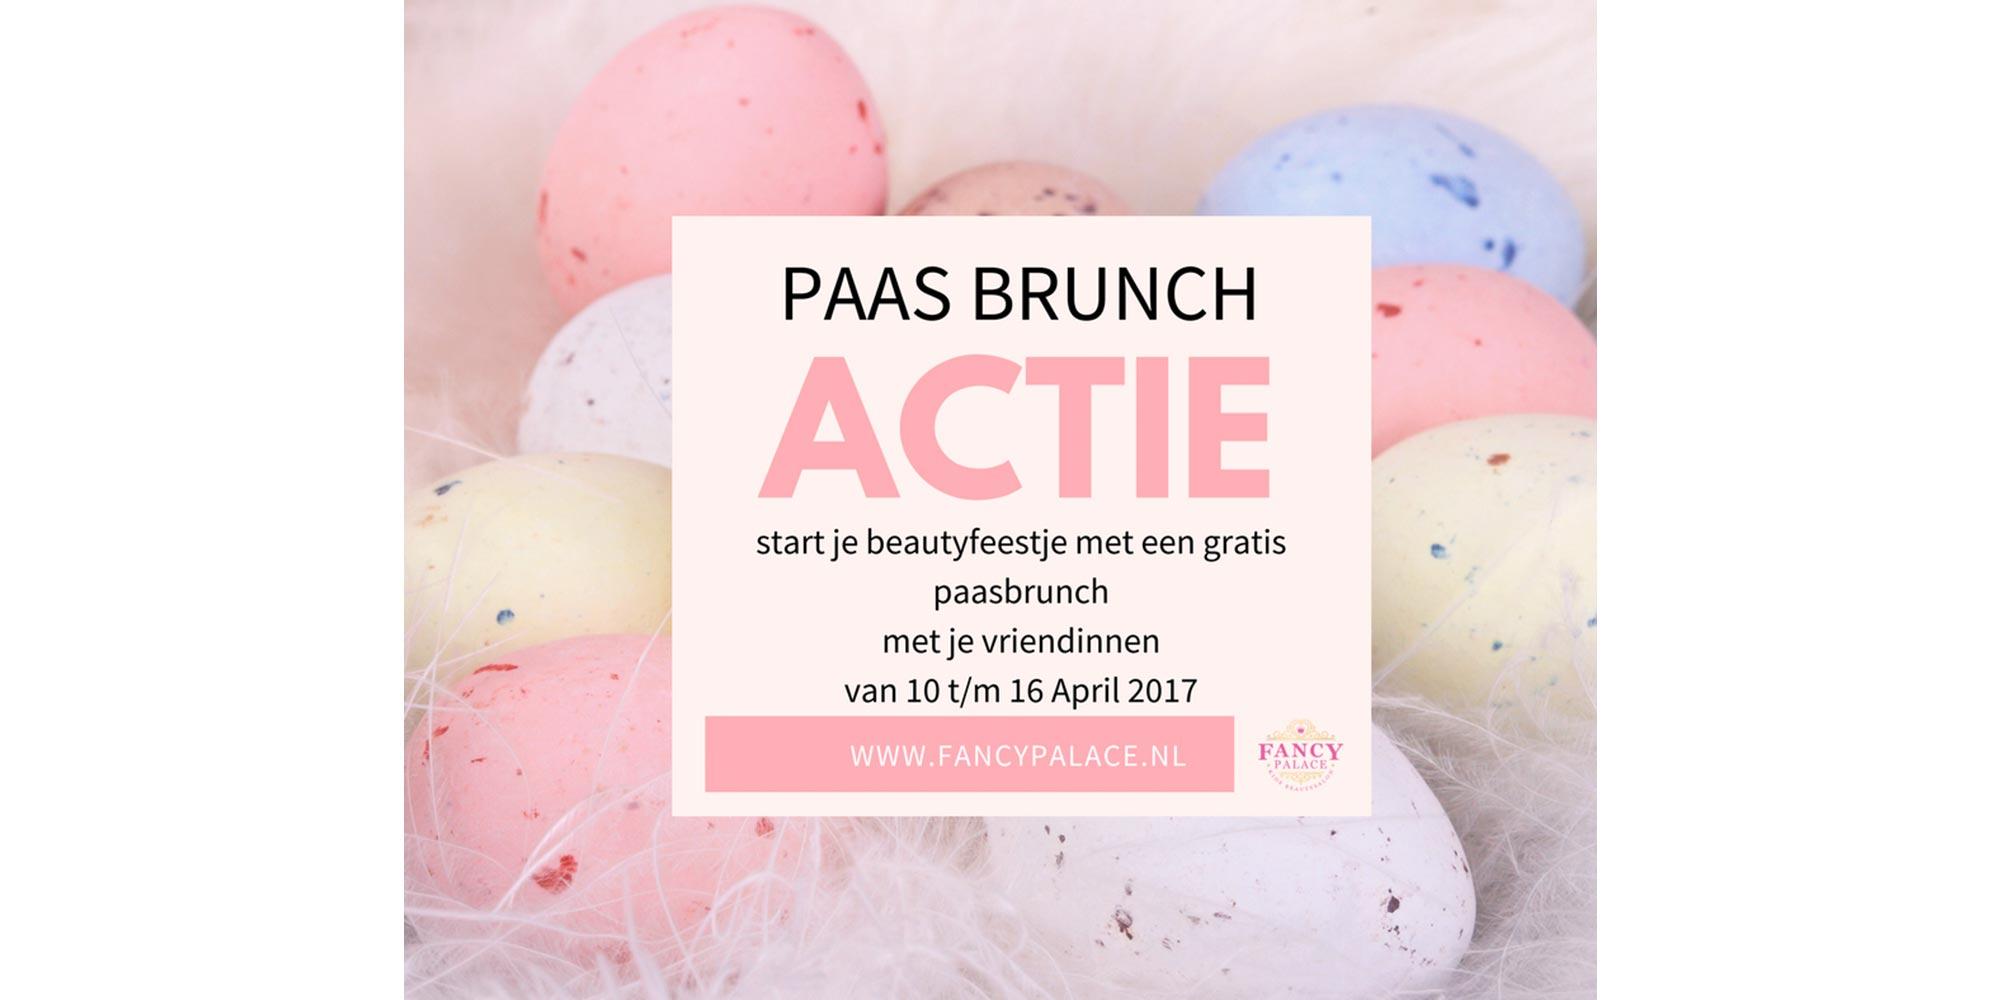 Fancy Paas Actie